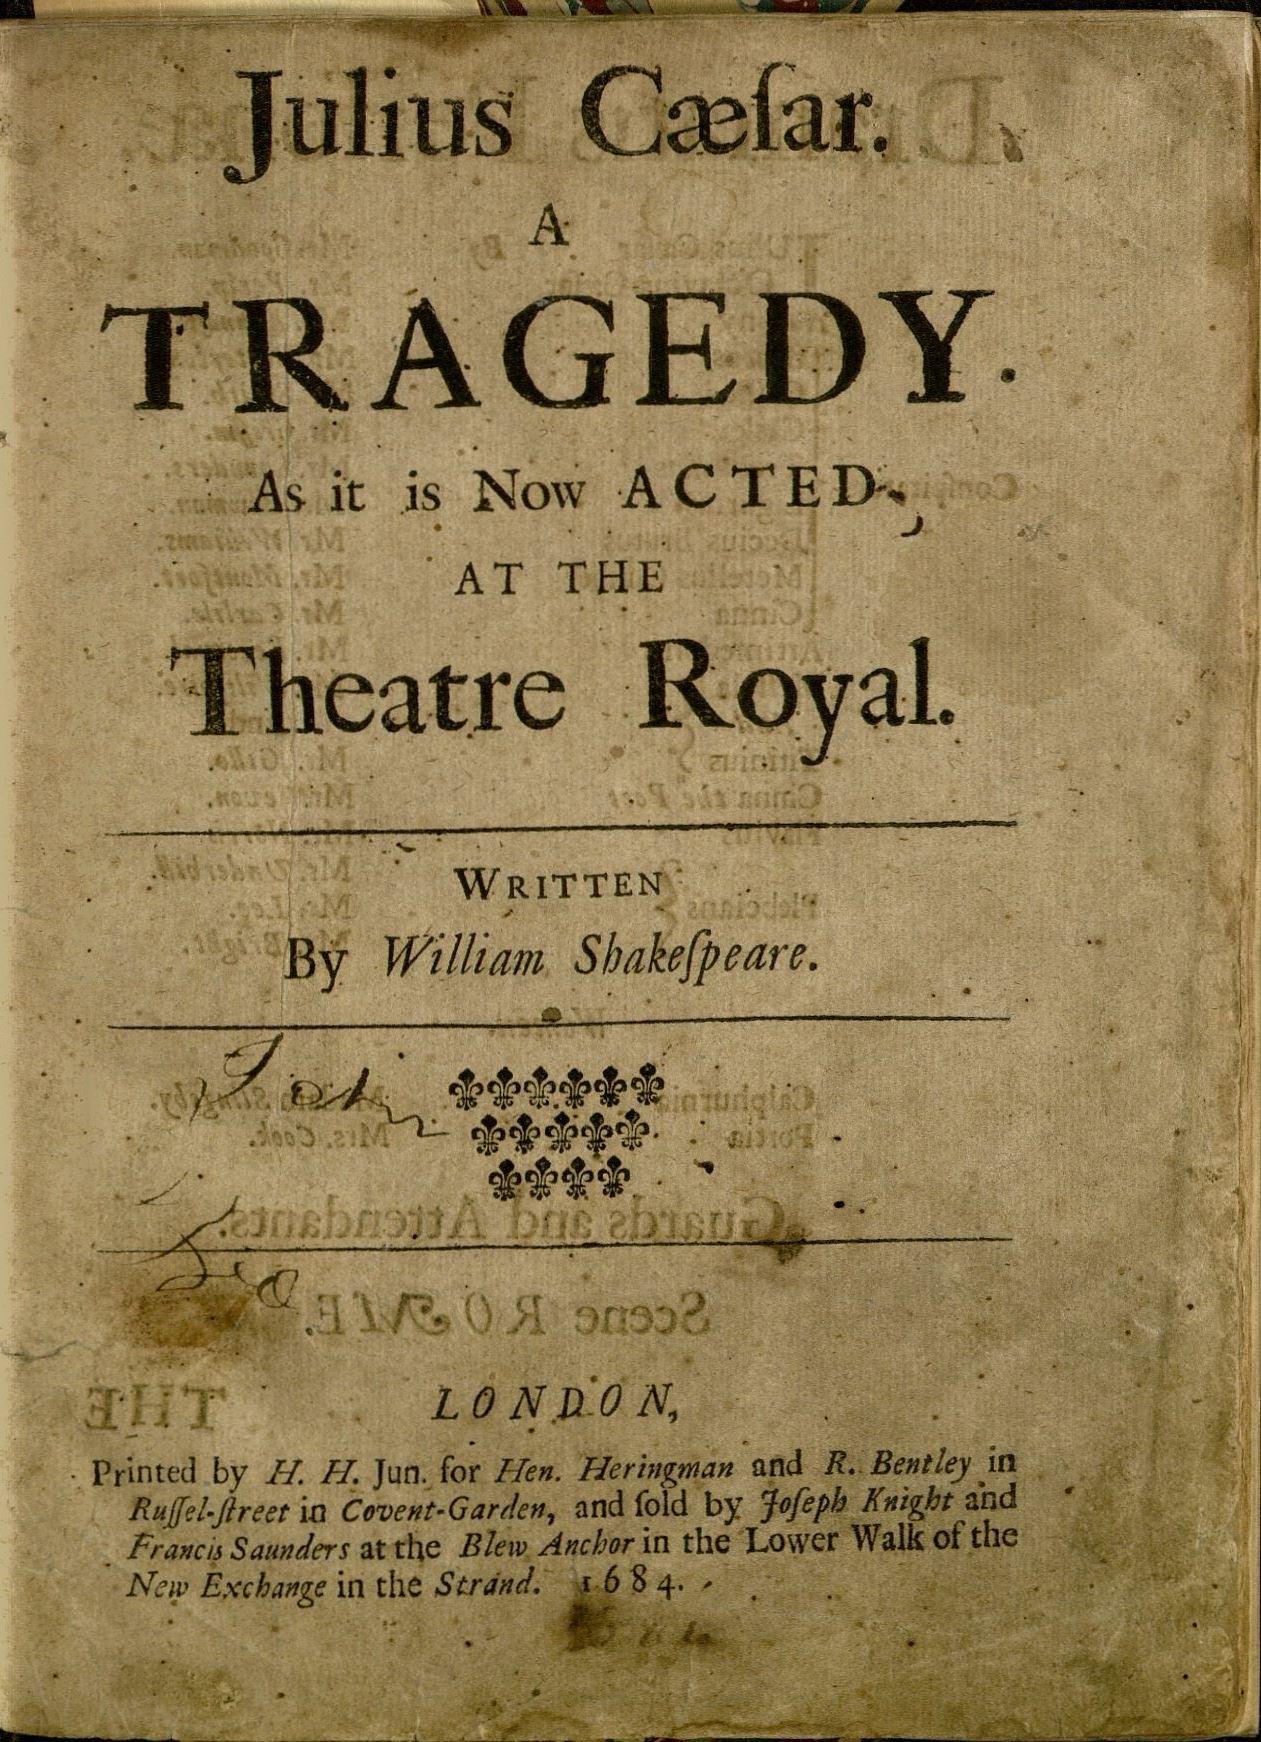 Julius Caesar, 1st edition